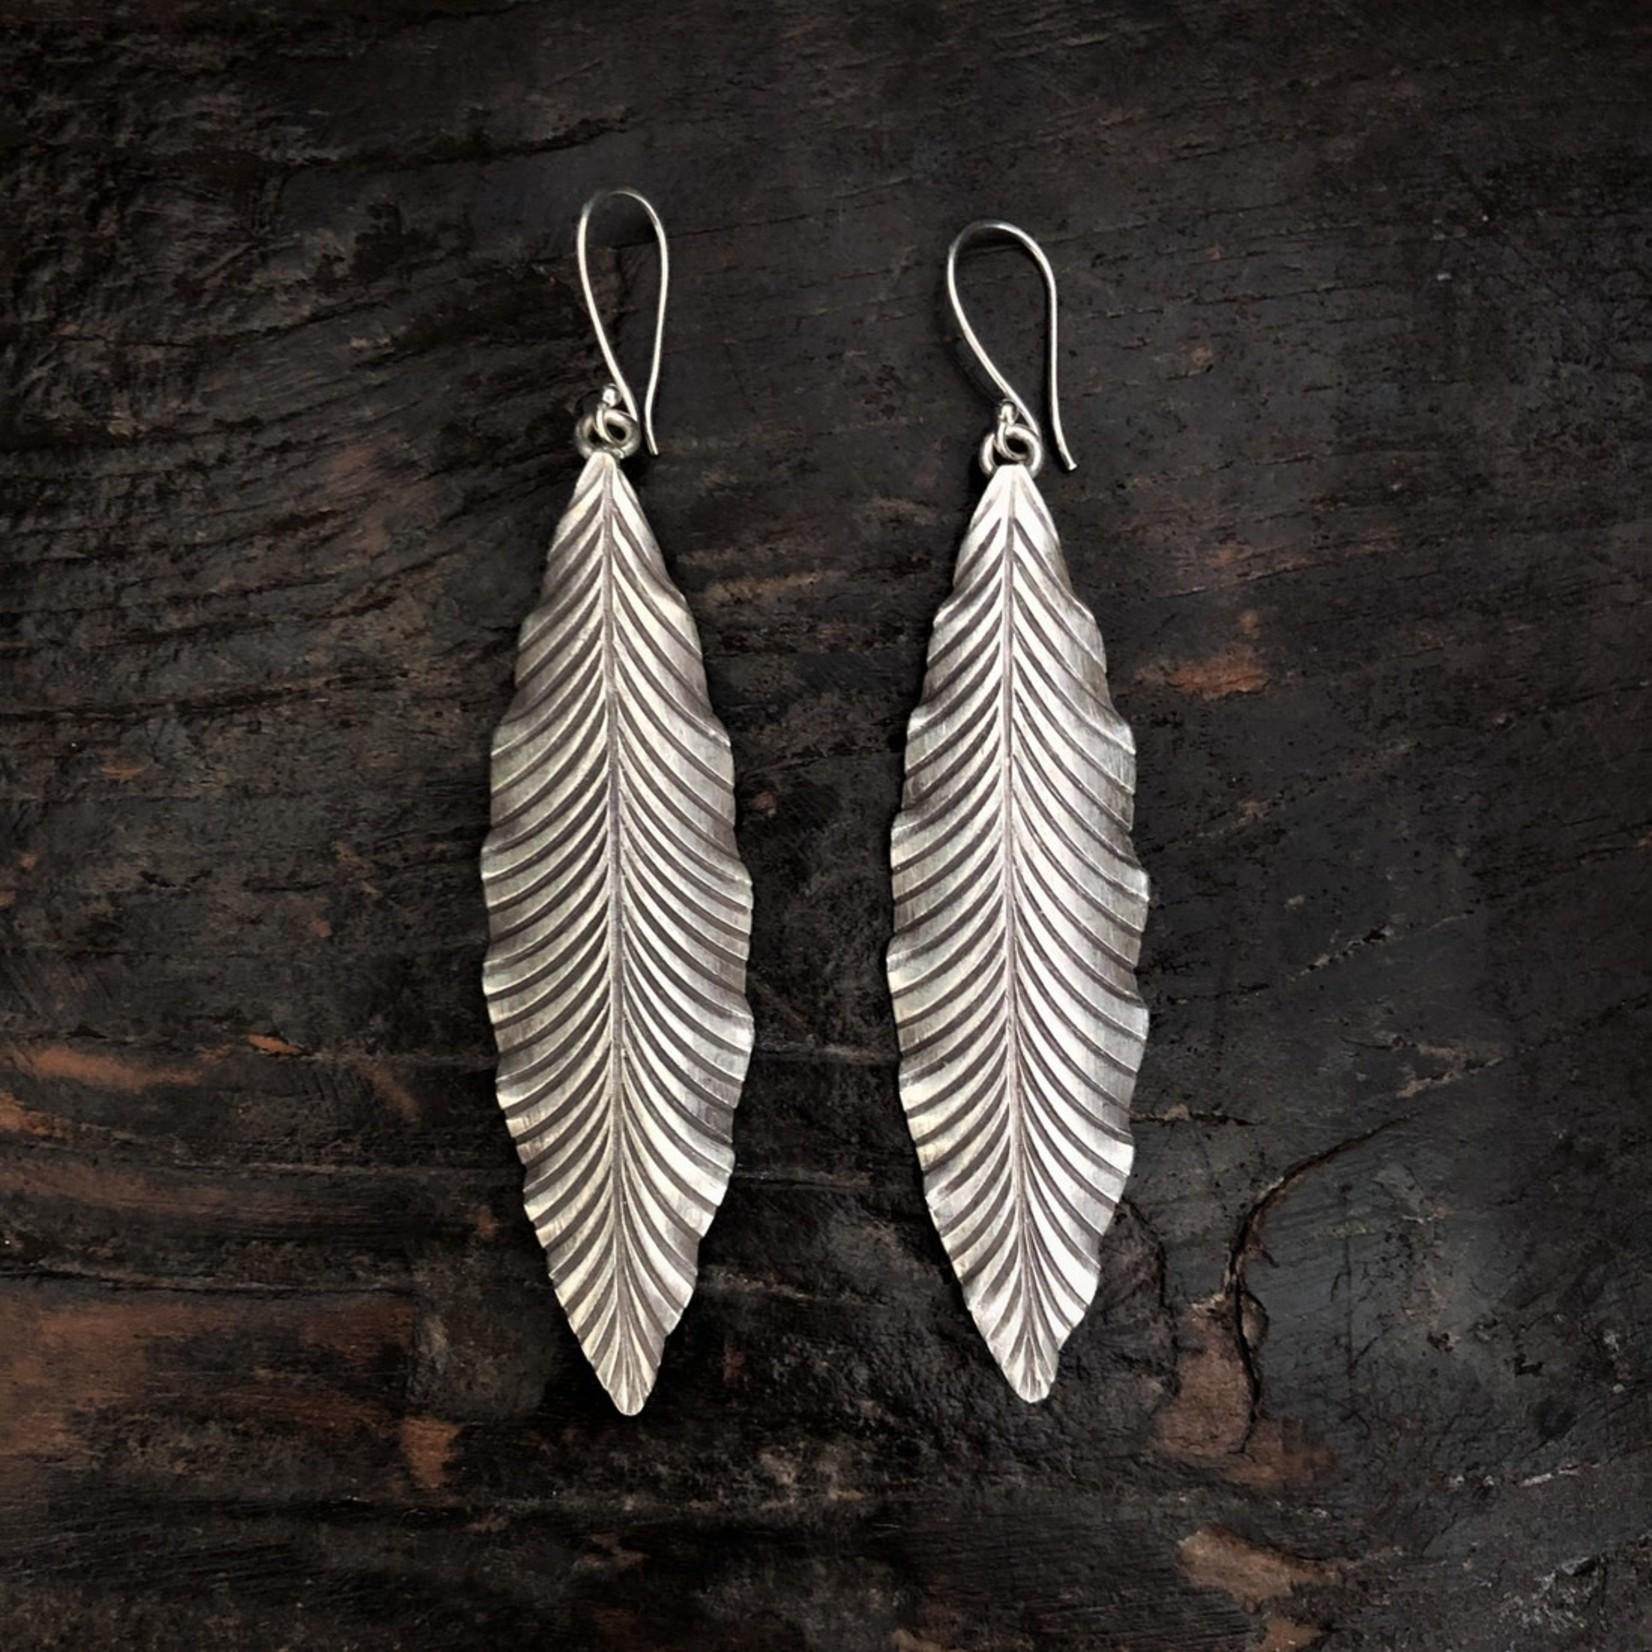 Anantara Silver Long Leaf Earrings